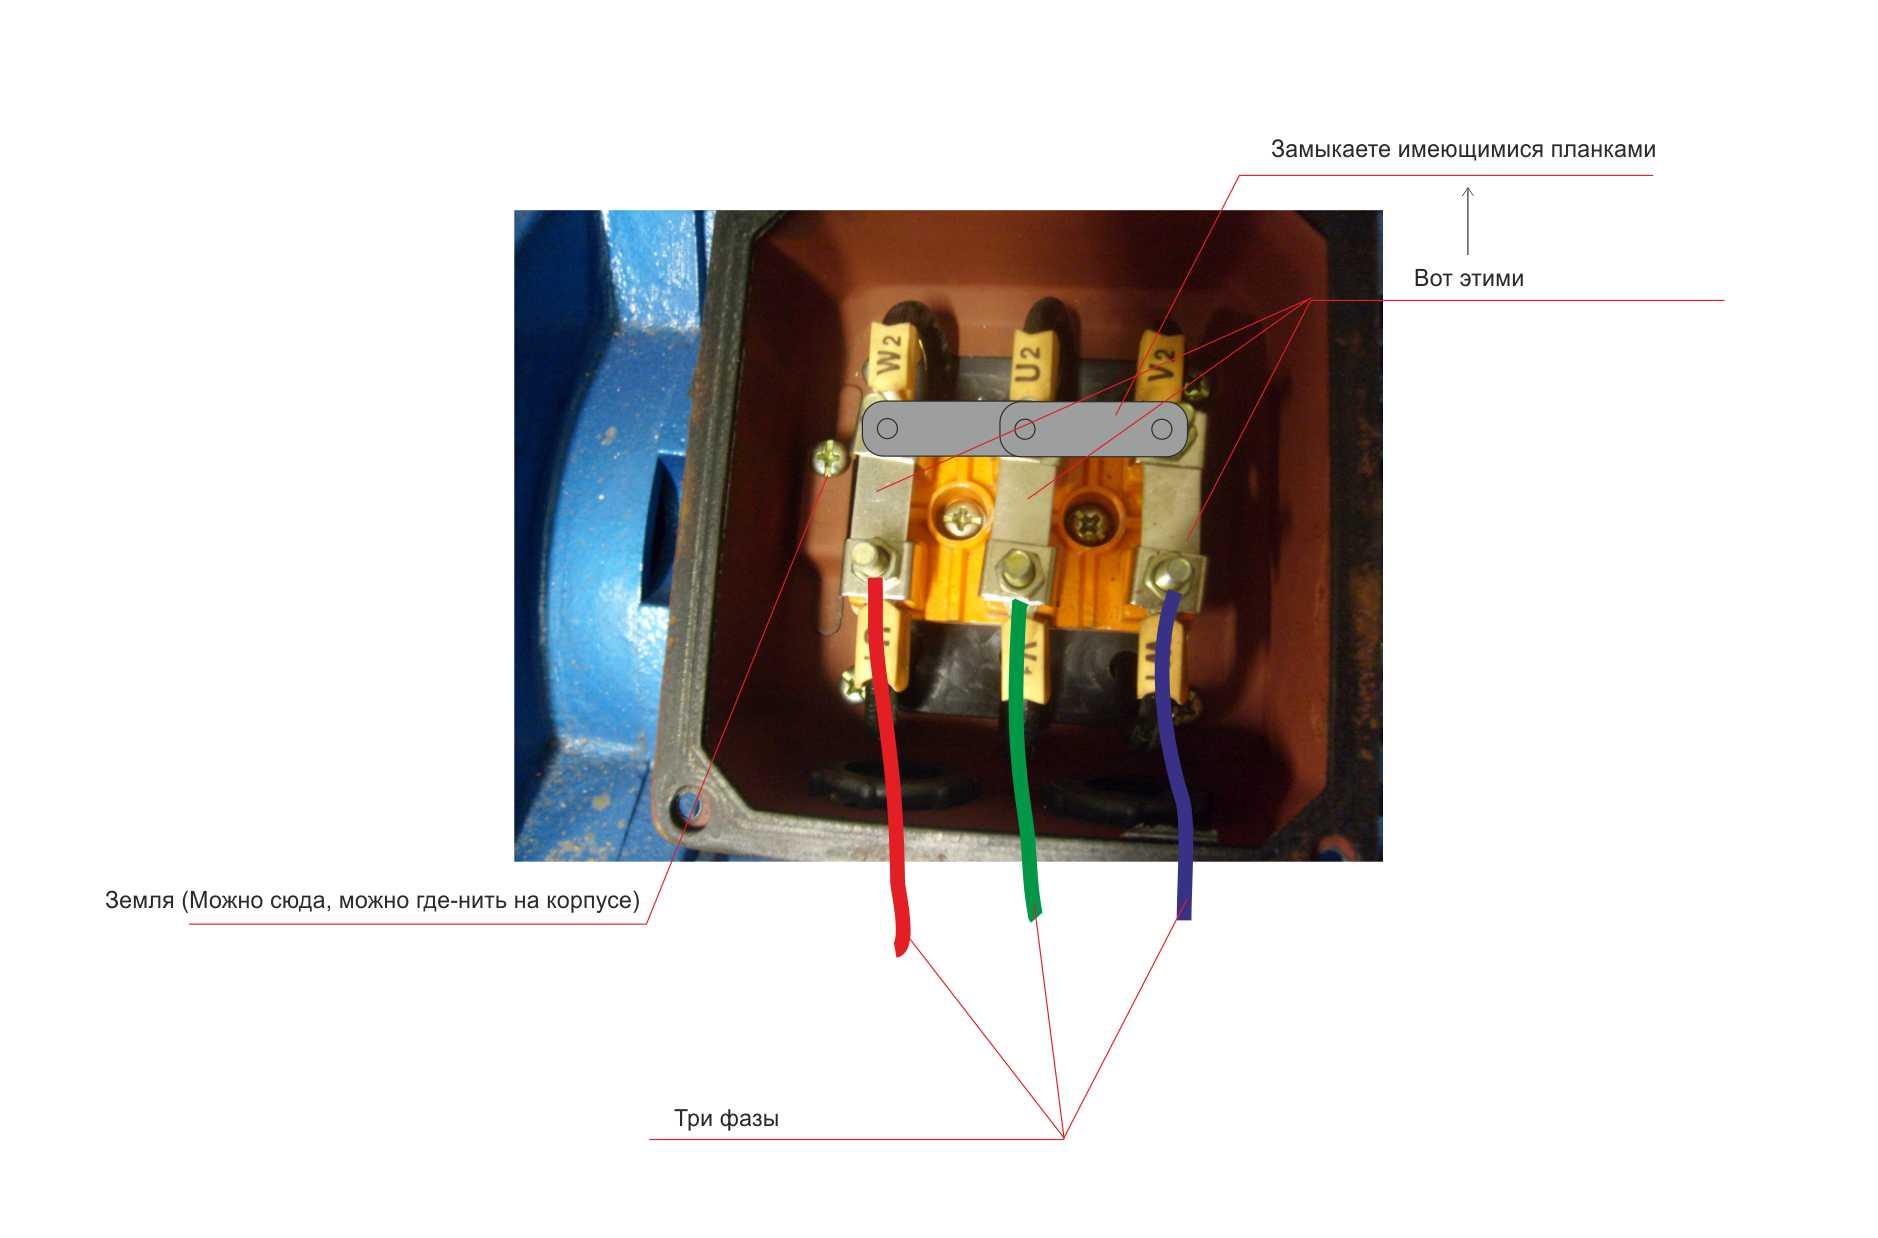 Не удается подключить адаптер elm327 bluetooth к эбу? — ищем причины